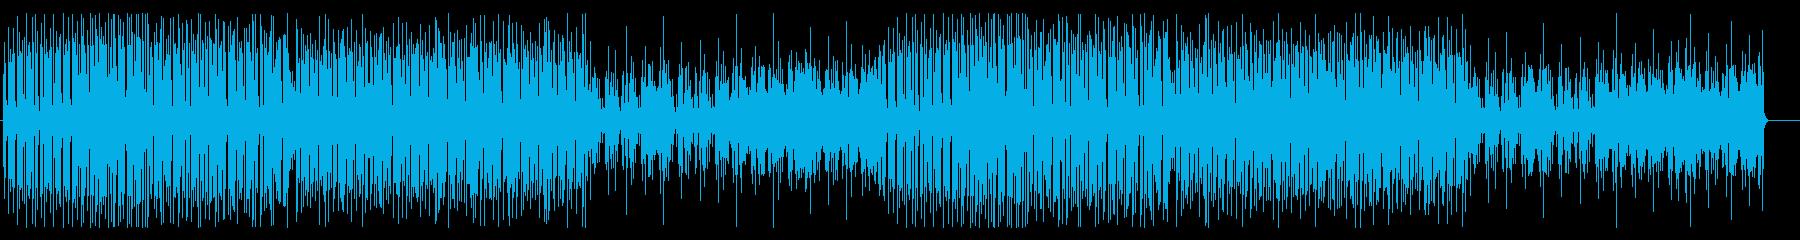 トロピカルフルーツのような元気で明るい曲の再生済みの波形